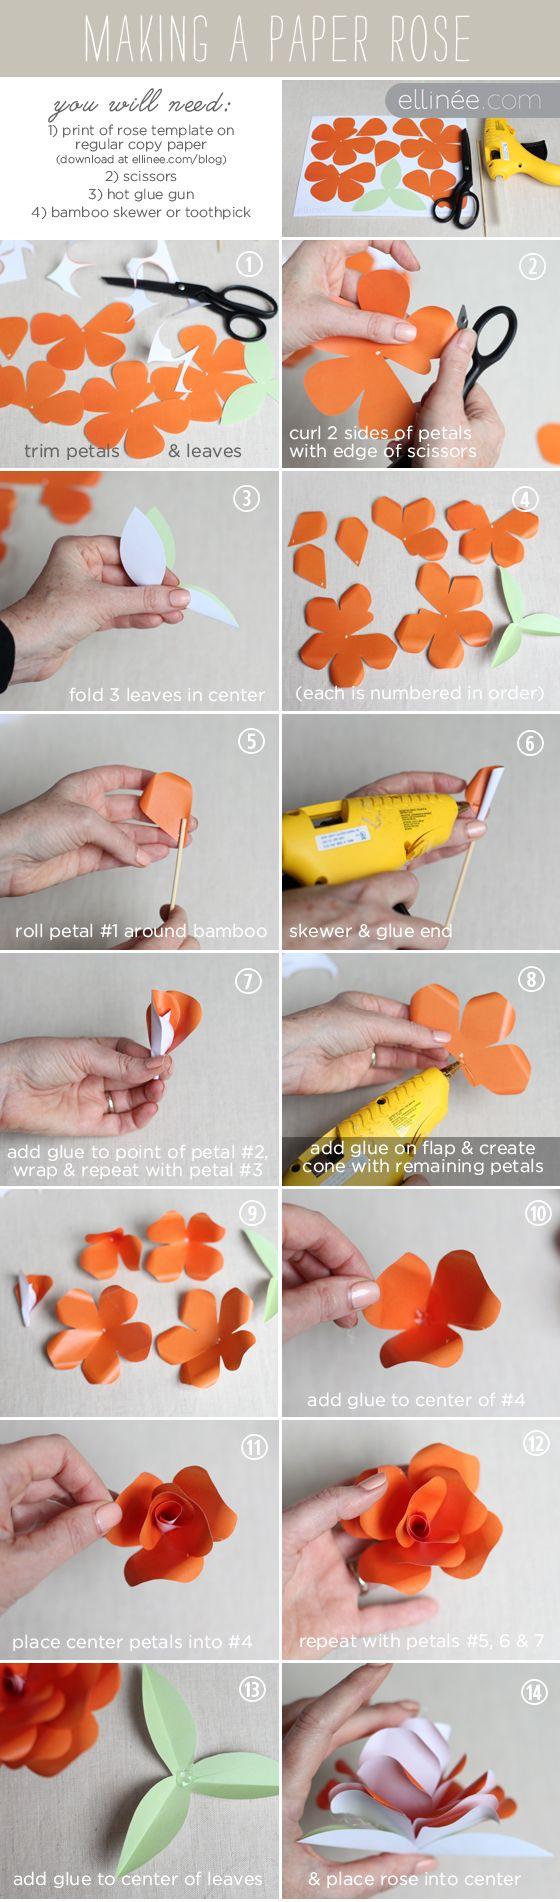 Как изготовить своими руками из бумаги розу